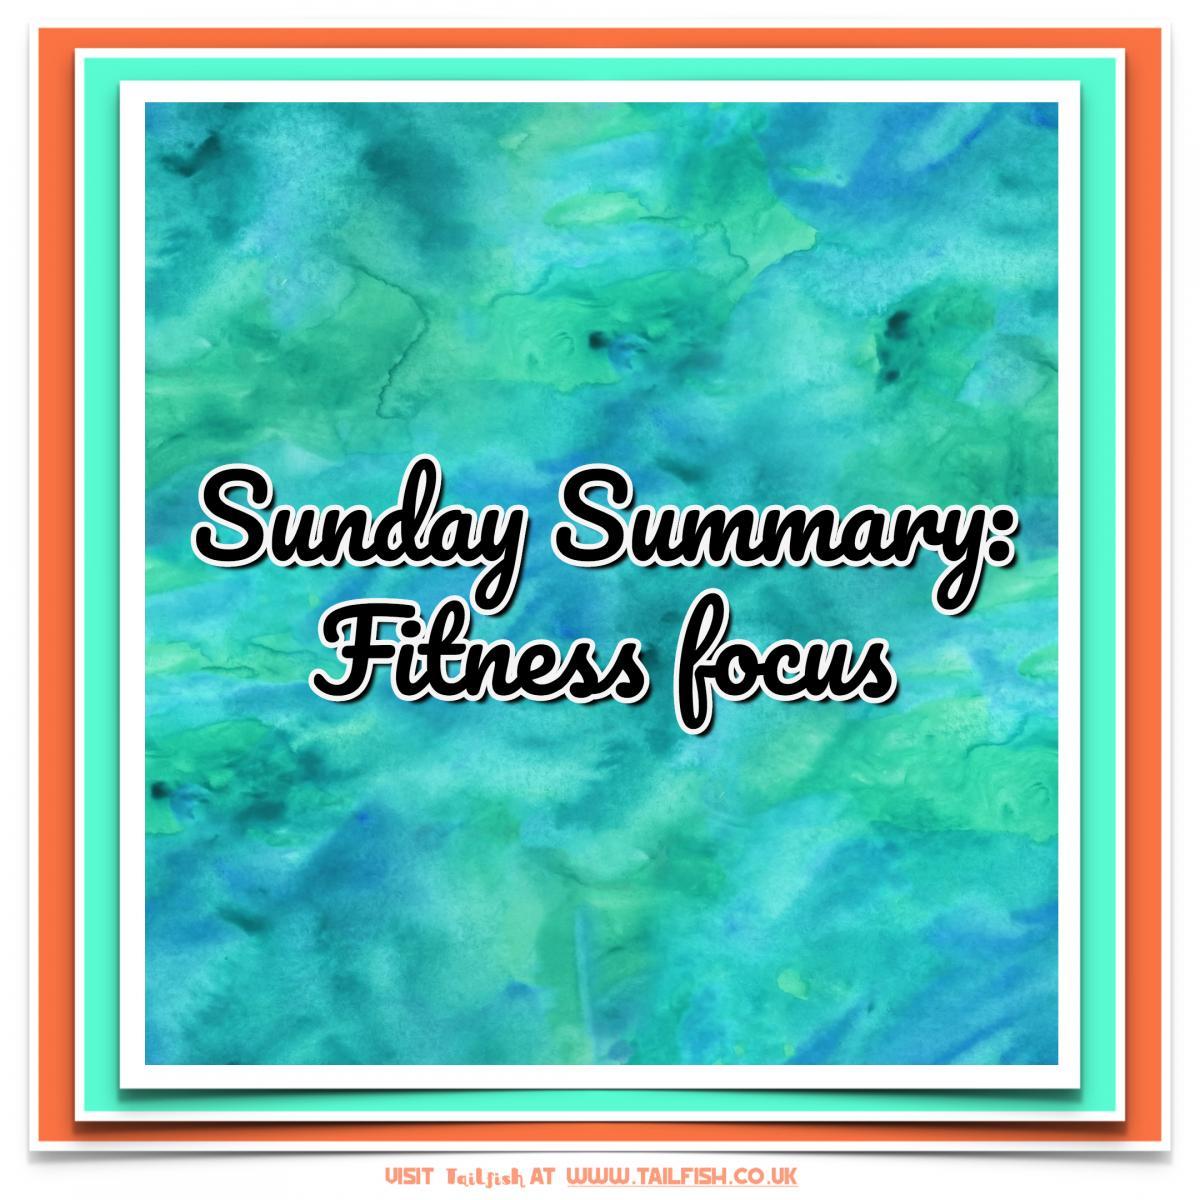 imgae text: Sunday summary - fitness focusj